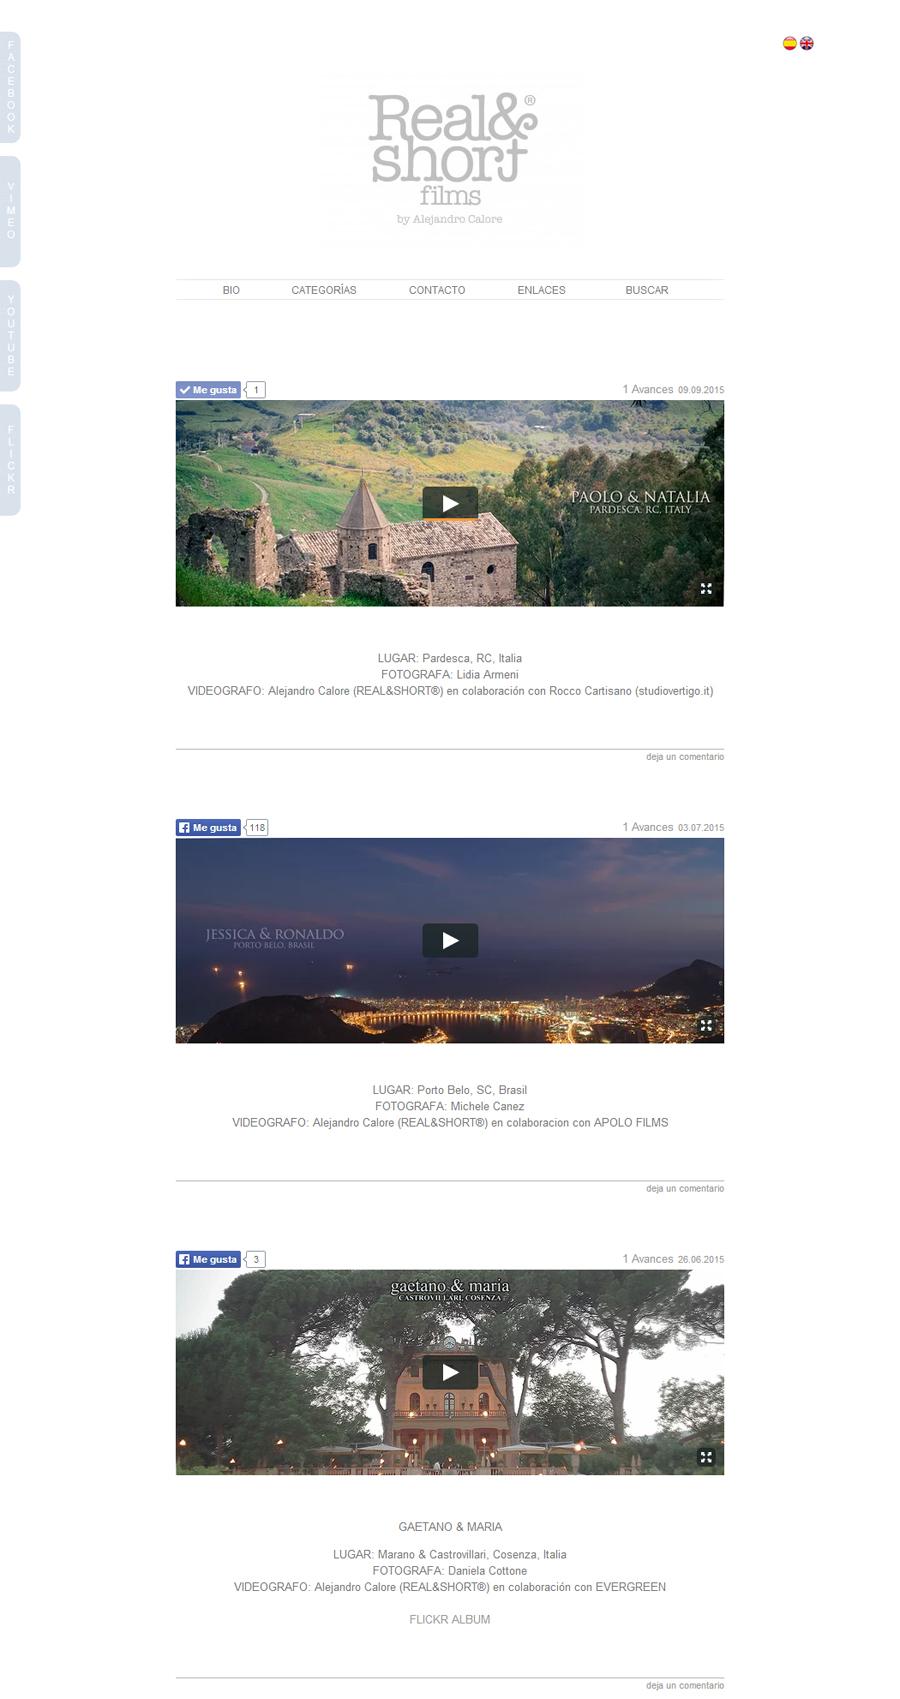 Publicaciones de videos en la web de Real N short by Alejandro Calore. Sitio desarrollado por La Vuelta Web